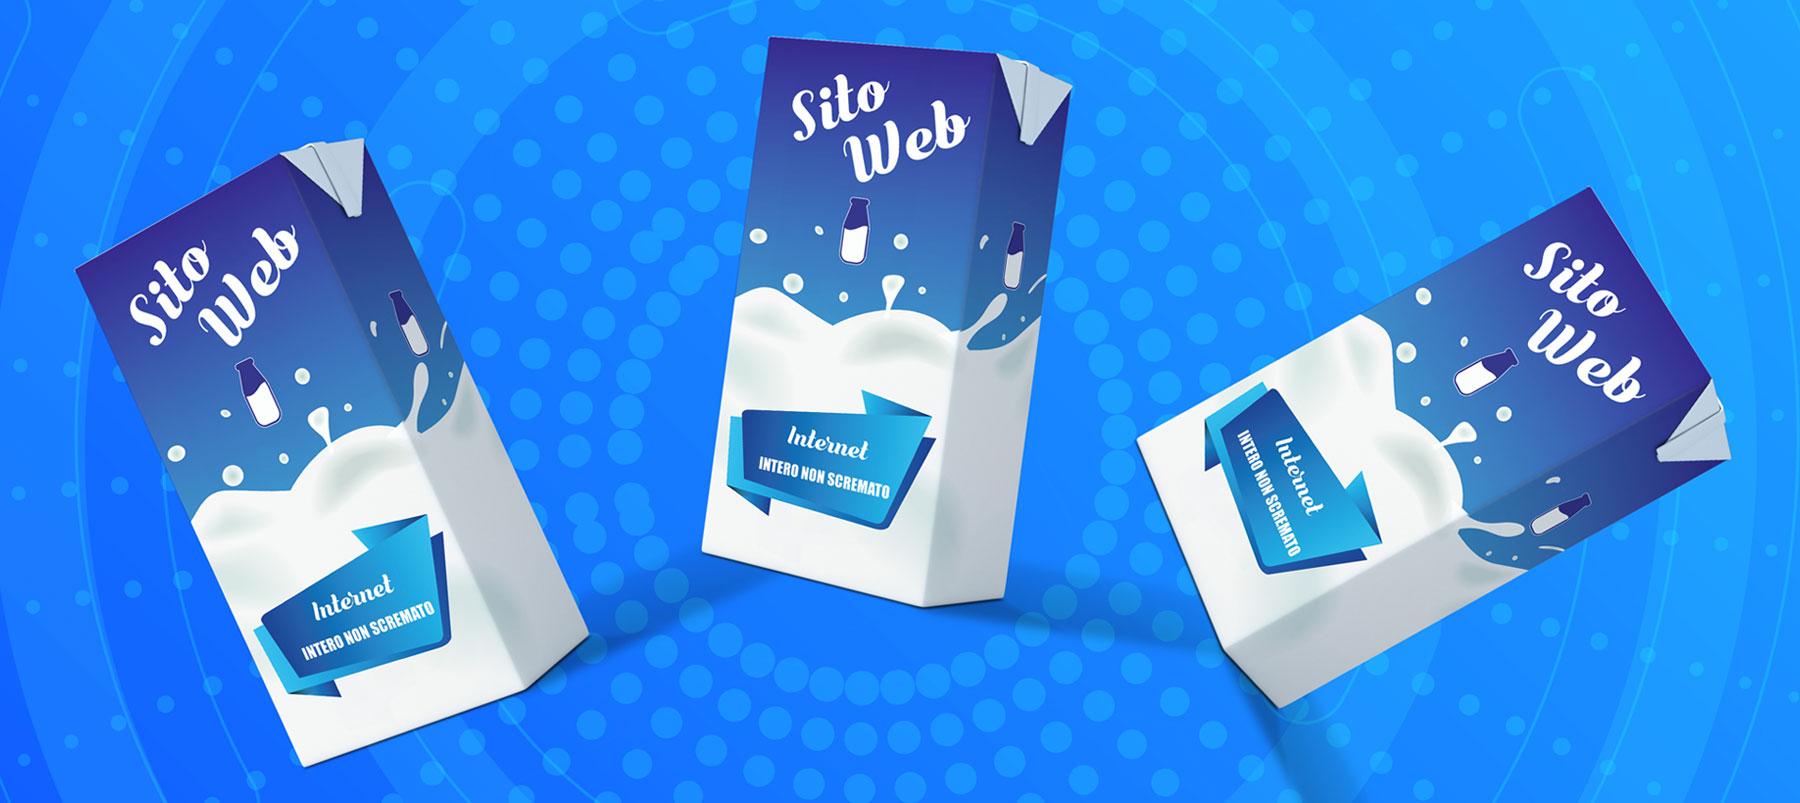 branding-seo-marketing-creazione-siti-web-pavia-milano-design-progettazione-grafica-geofelix-59